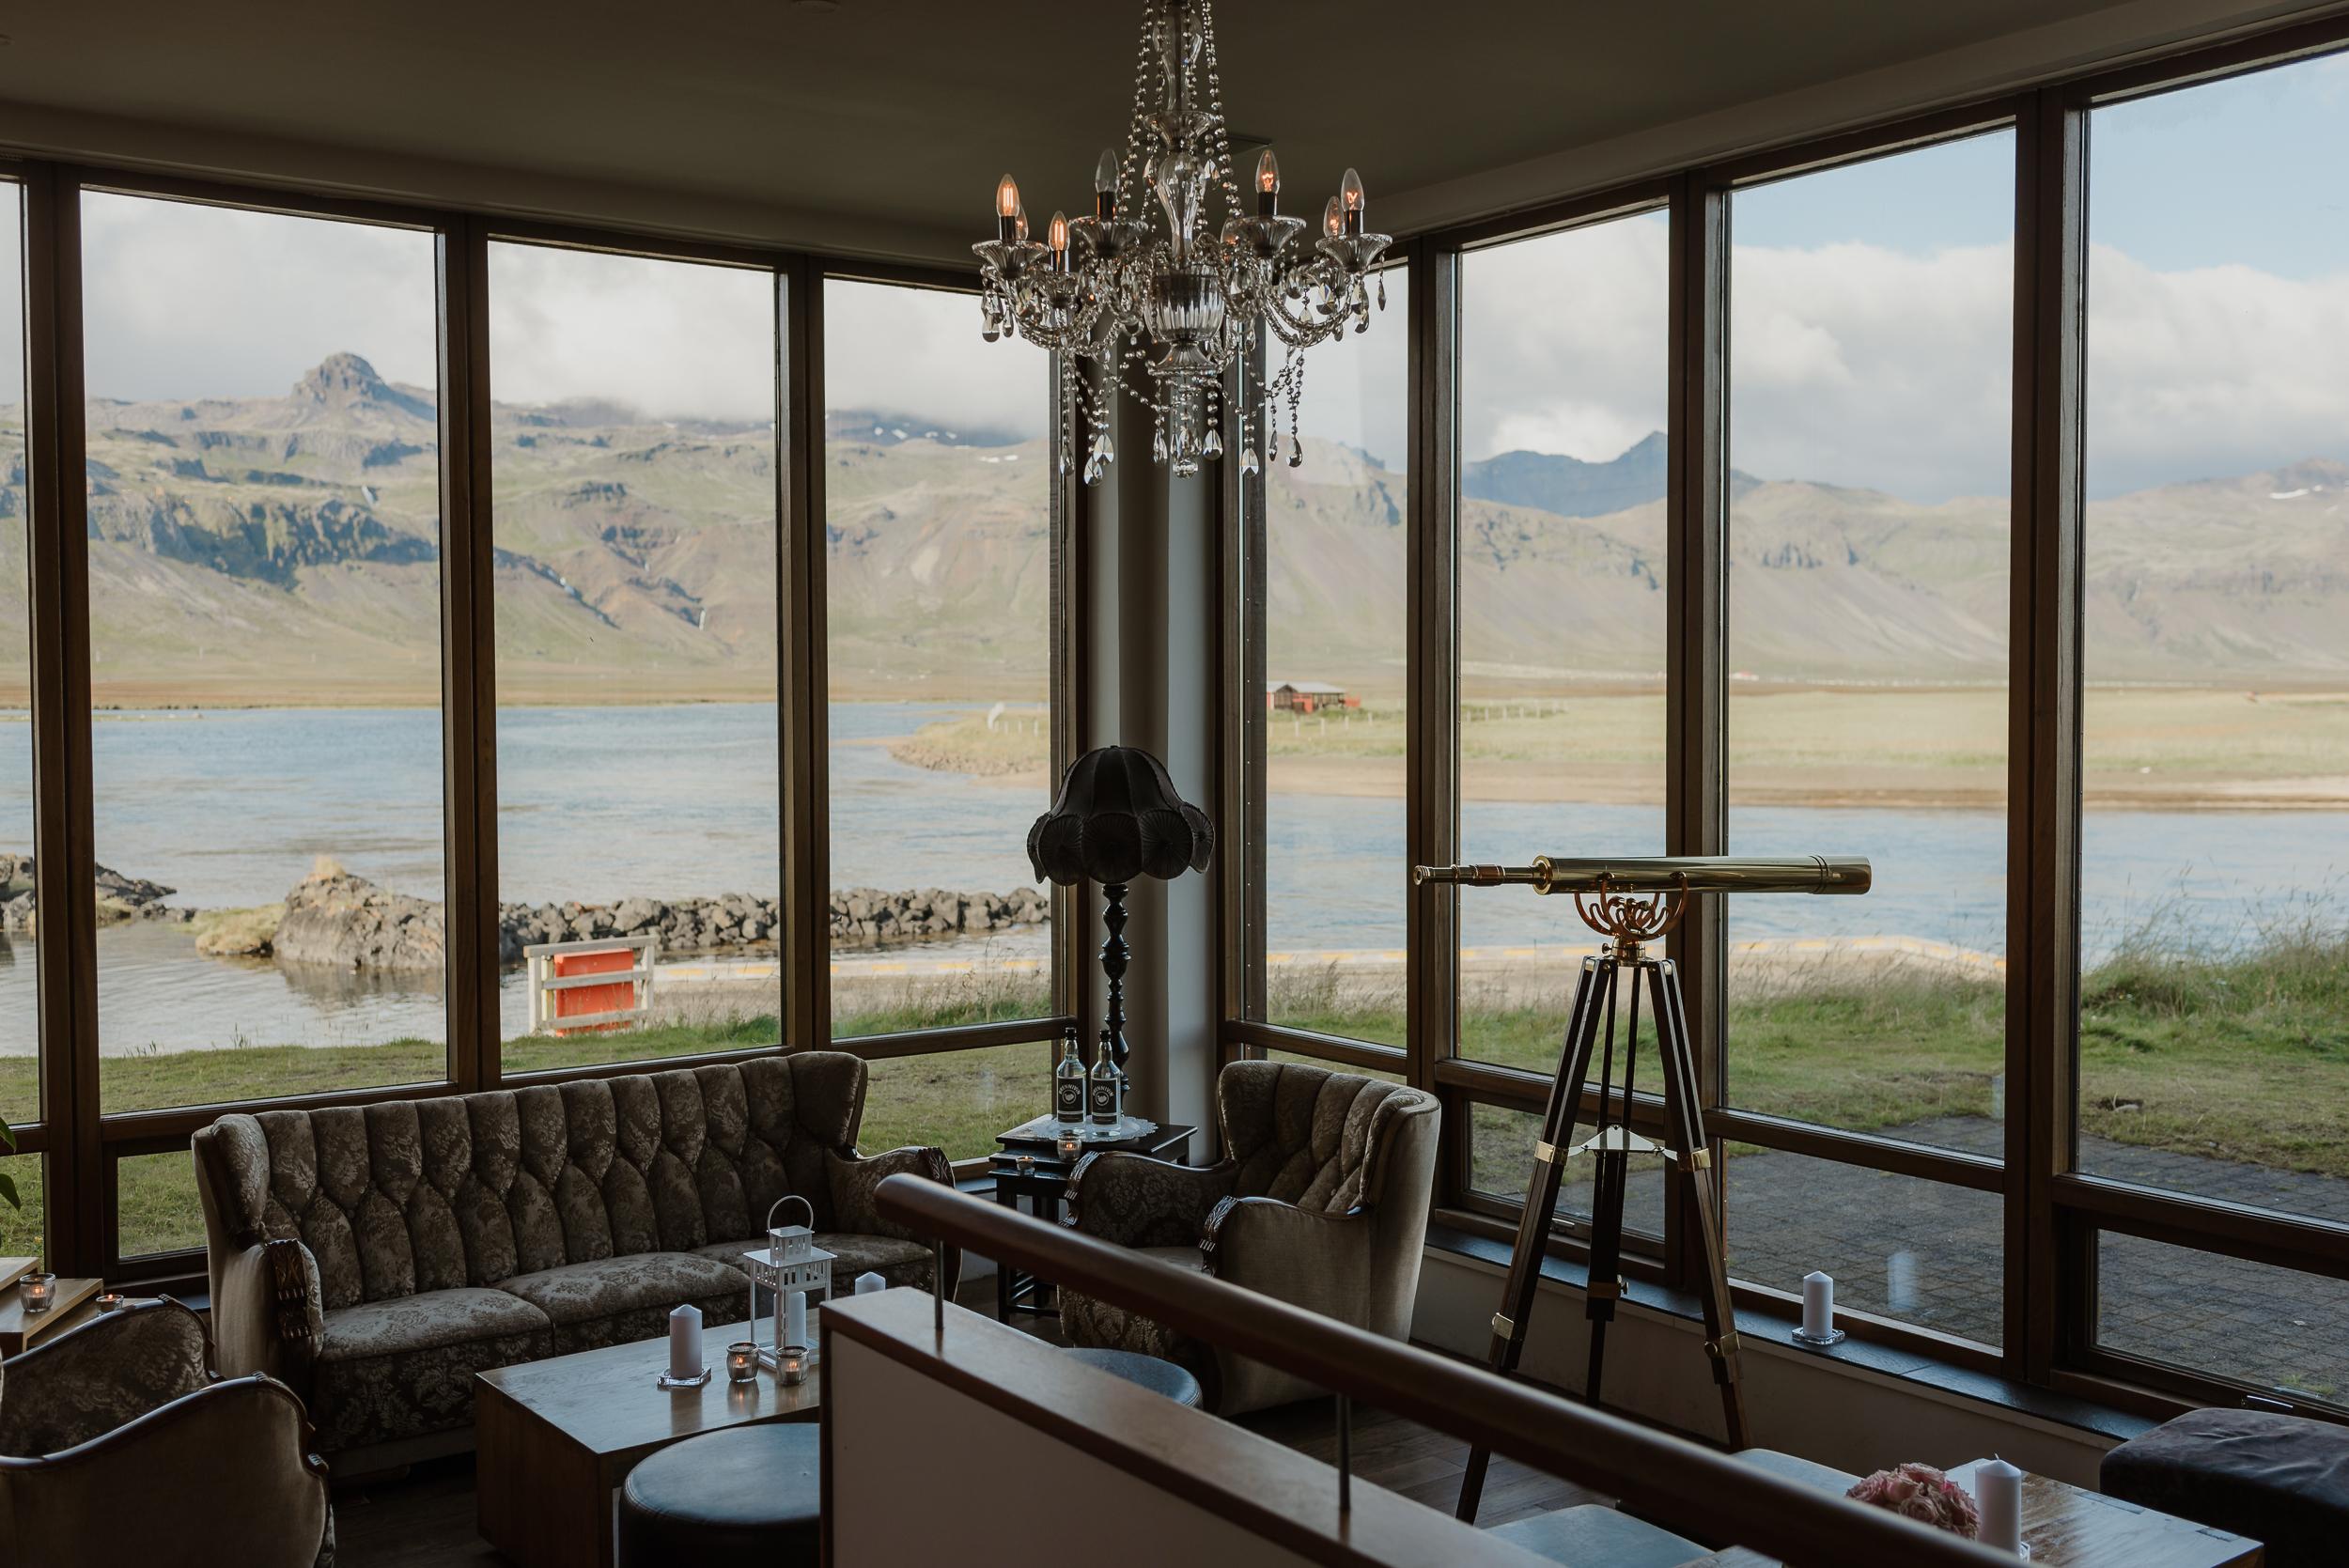 002-hotel-budir-iceland-destination-wedding-vivianchen-079.jpg